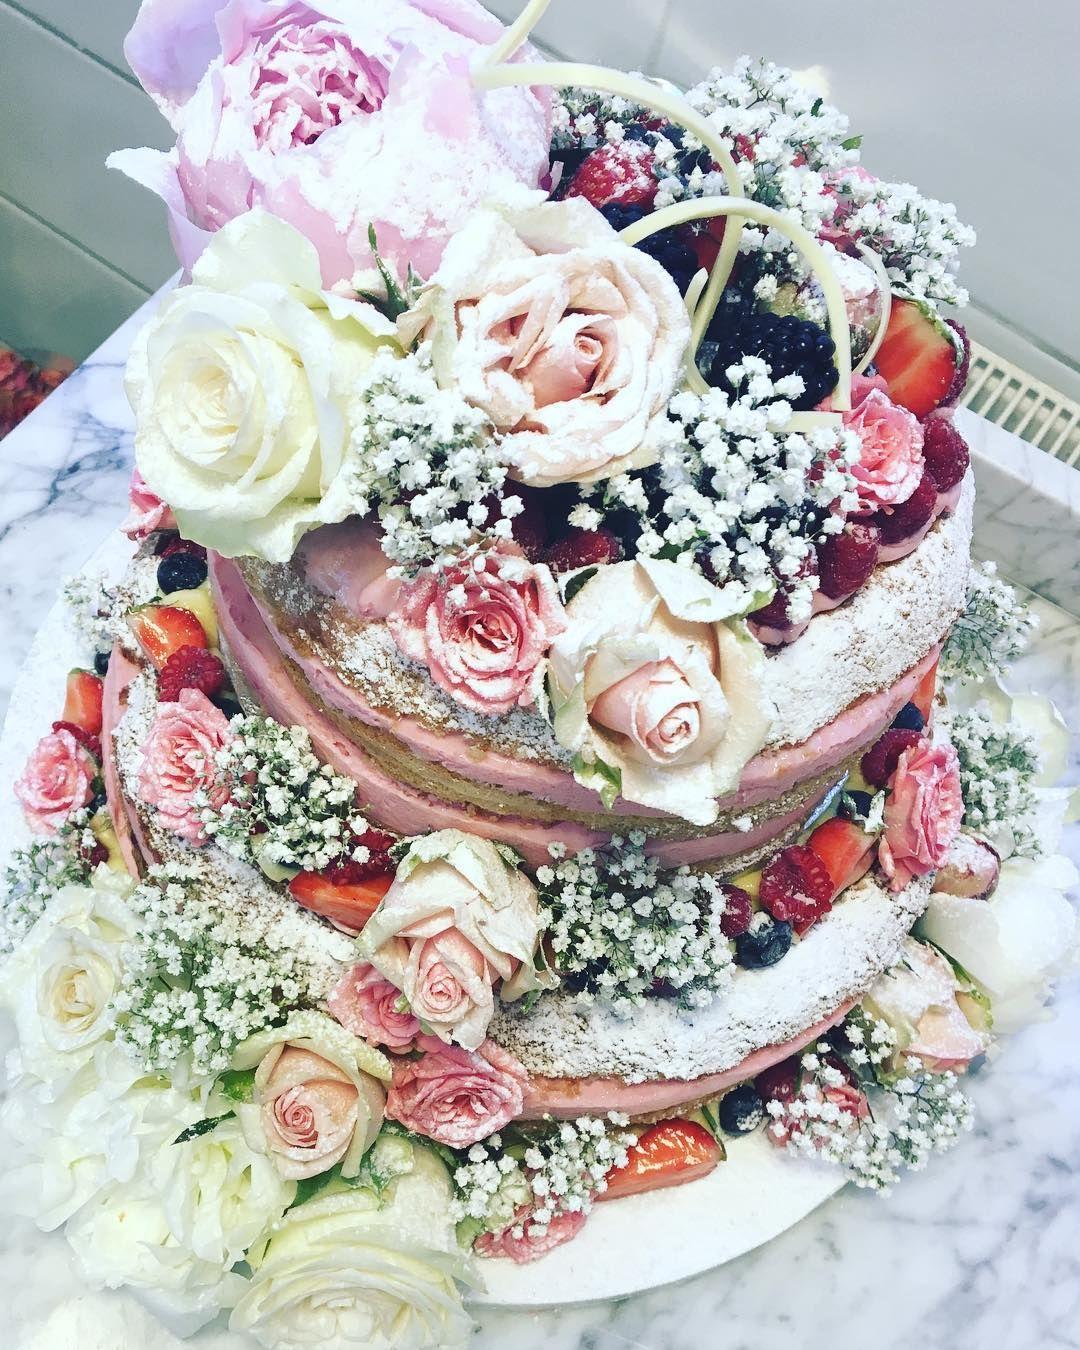 b1aa5a0a3de8 En av dagens bröllopstårtorNaked cake med hallon och vit choklad och  blandade färska bär. Lyckönskar